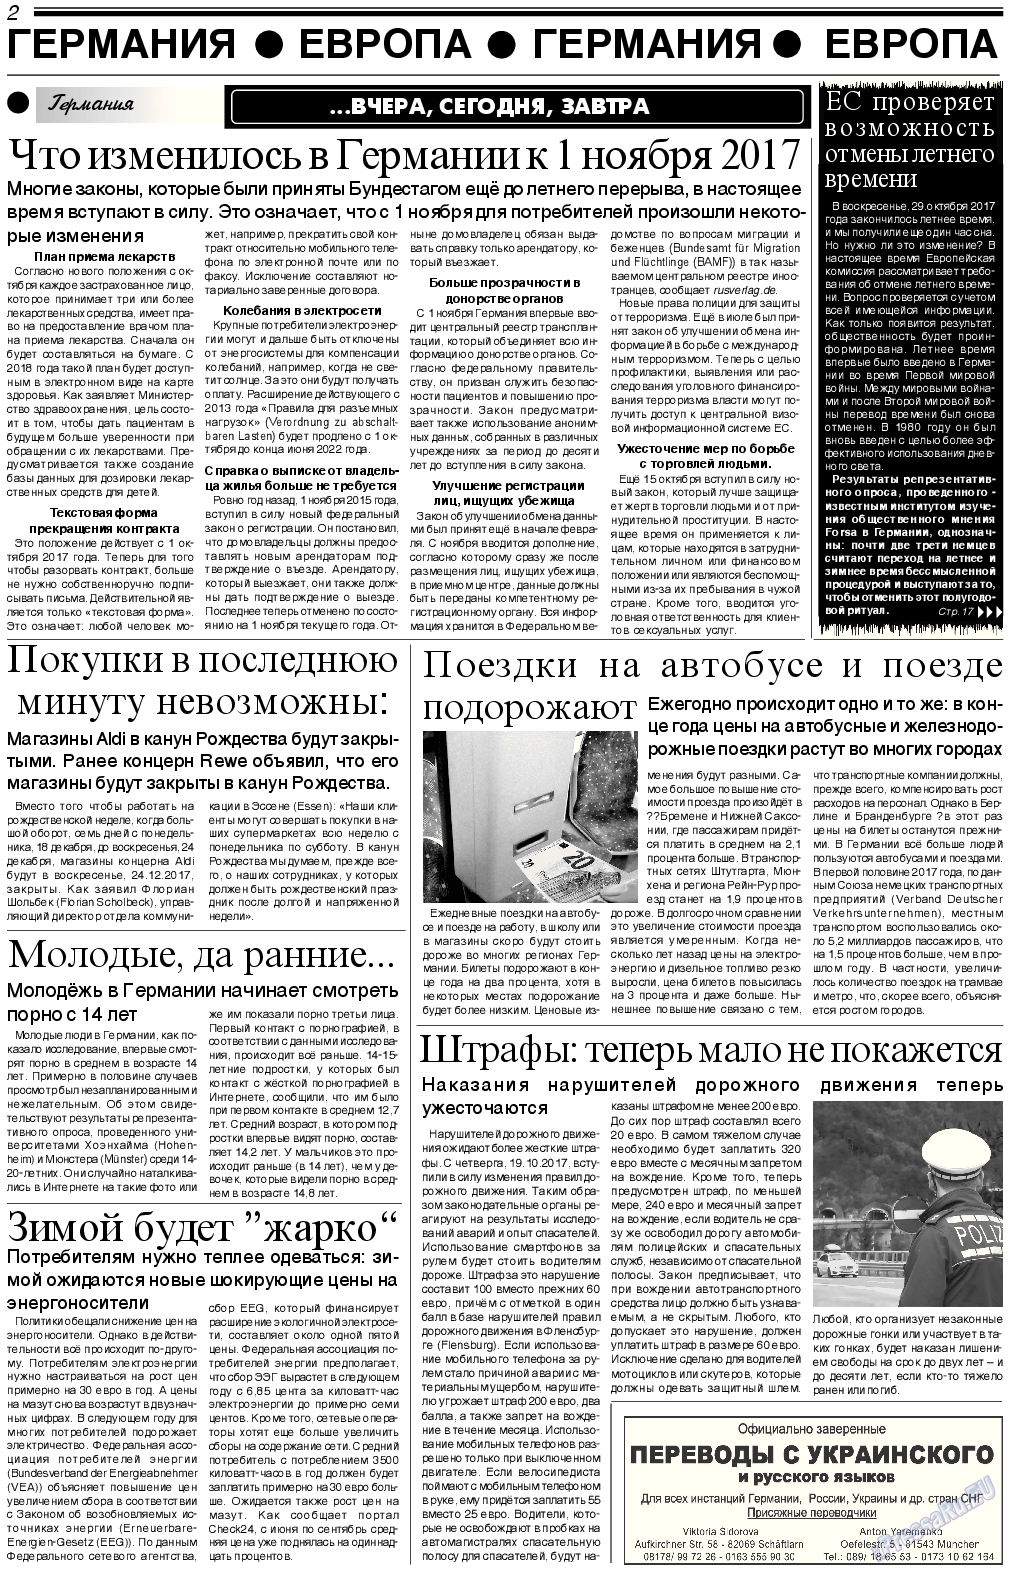 Вечерняя газета (газета). 2017 год, номер 11, стр. 2